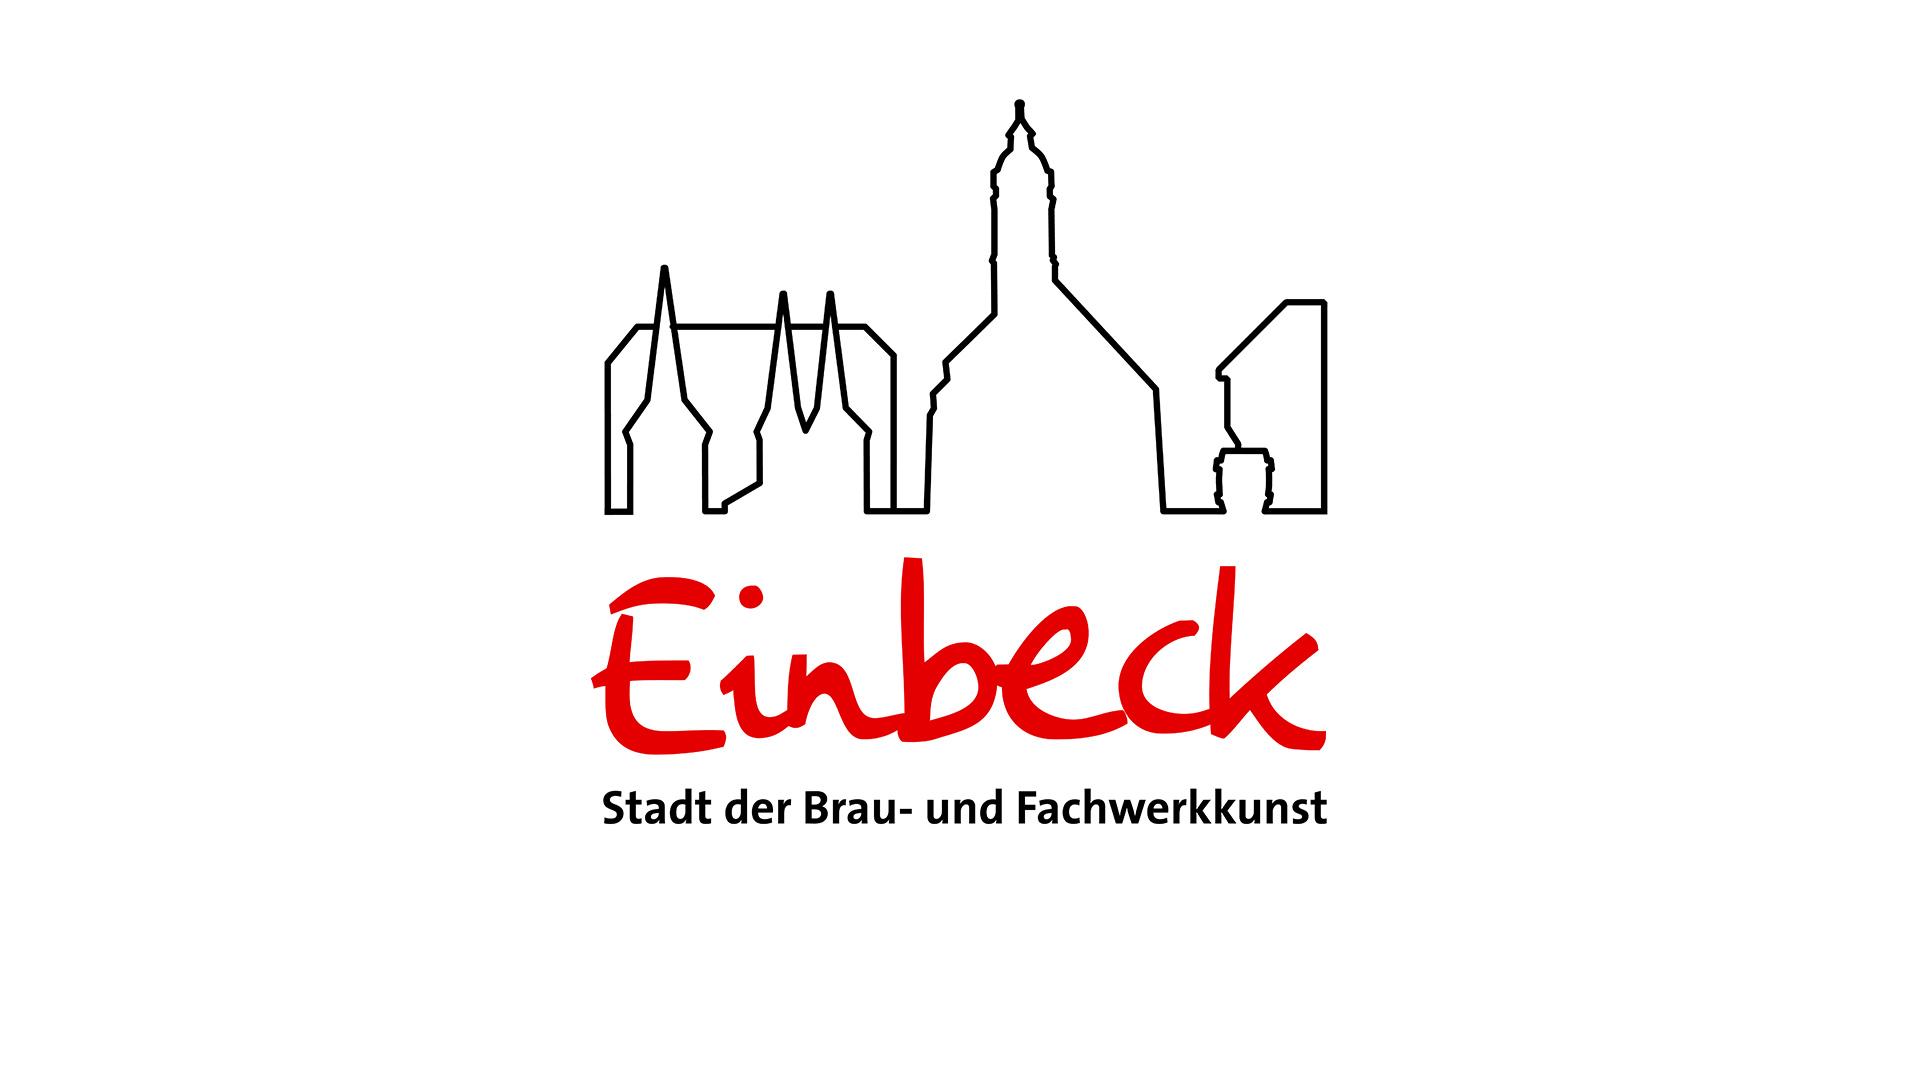 EINBECK_WEIß-01.jpg